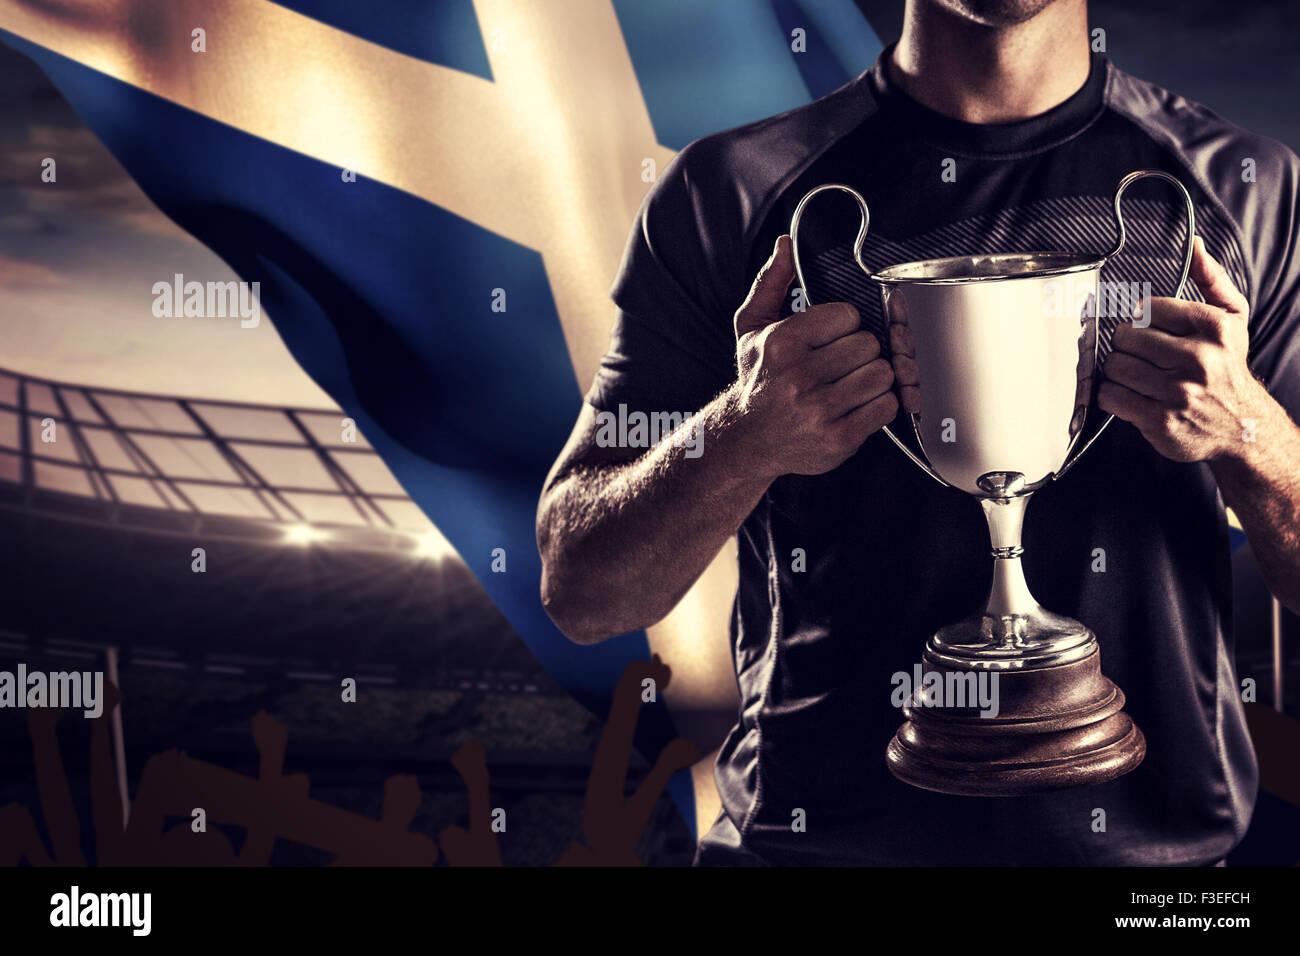 Zusammengesetztes Bild des siegreichen Rugbyspieler holding trophy Stockbild